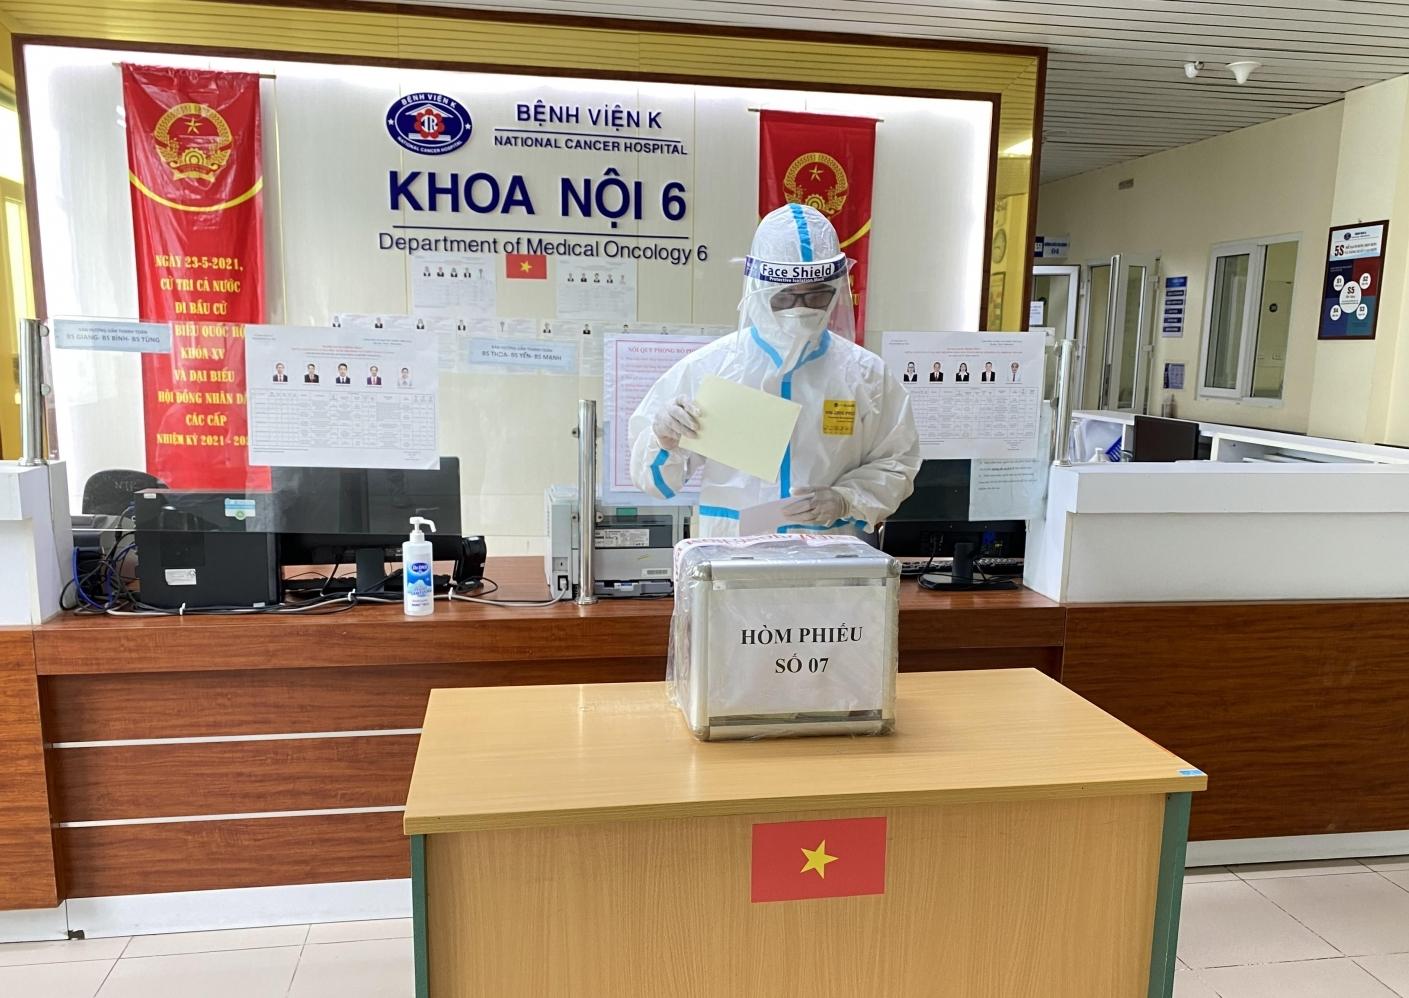 Bệnh viện K tổ chức bầu cử đảm bảo an toàn phòng chống dịch Covid-19